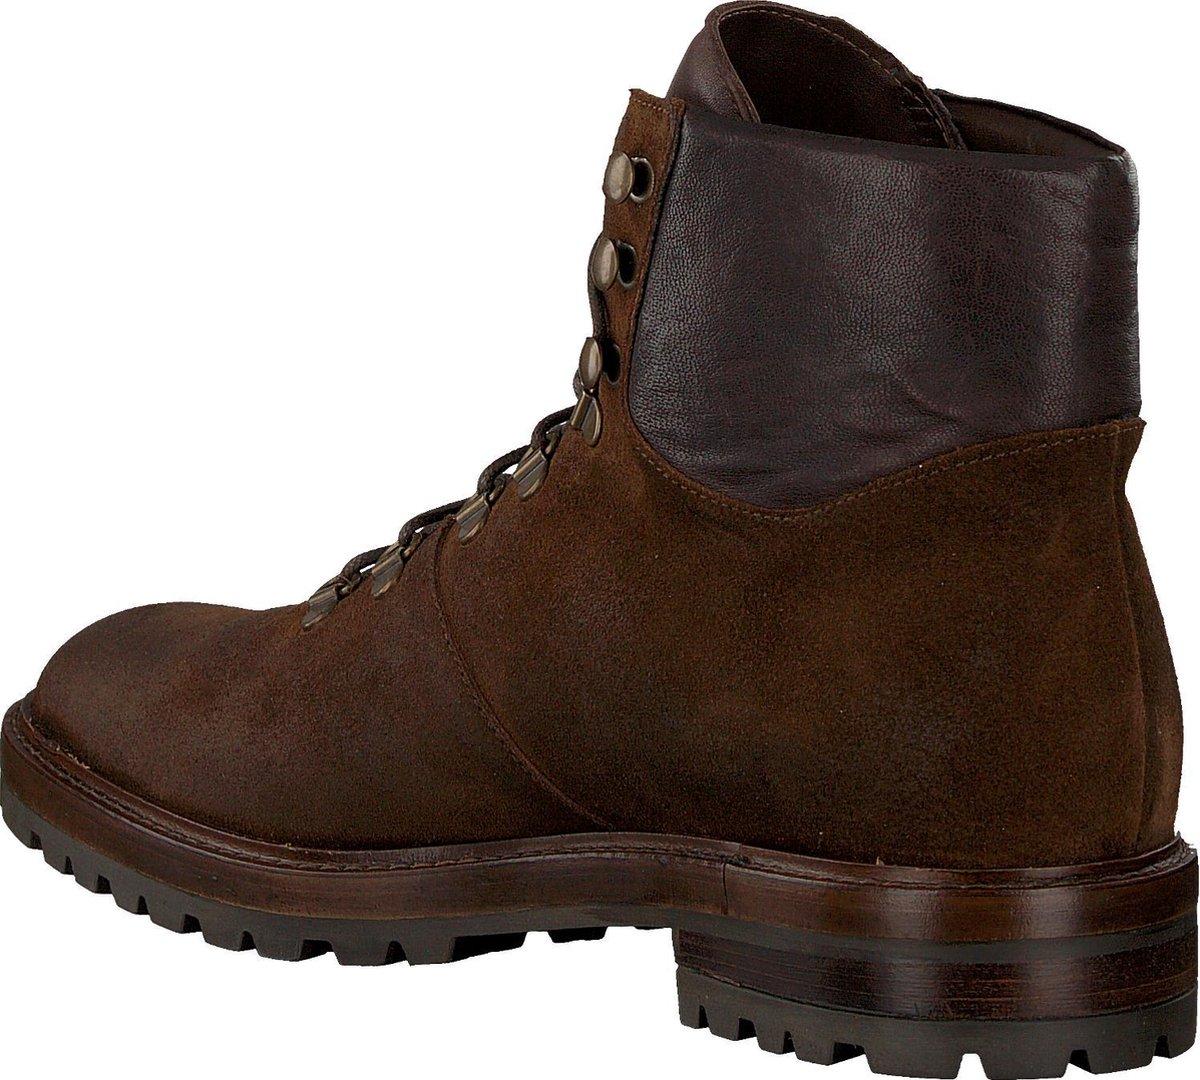 Mazzeltov Heren Veterboots 3813 - Bruin - Maat 45 Boots